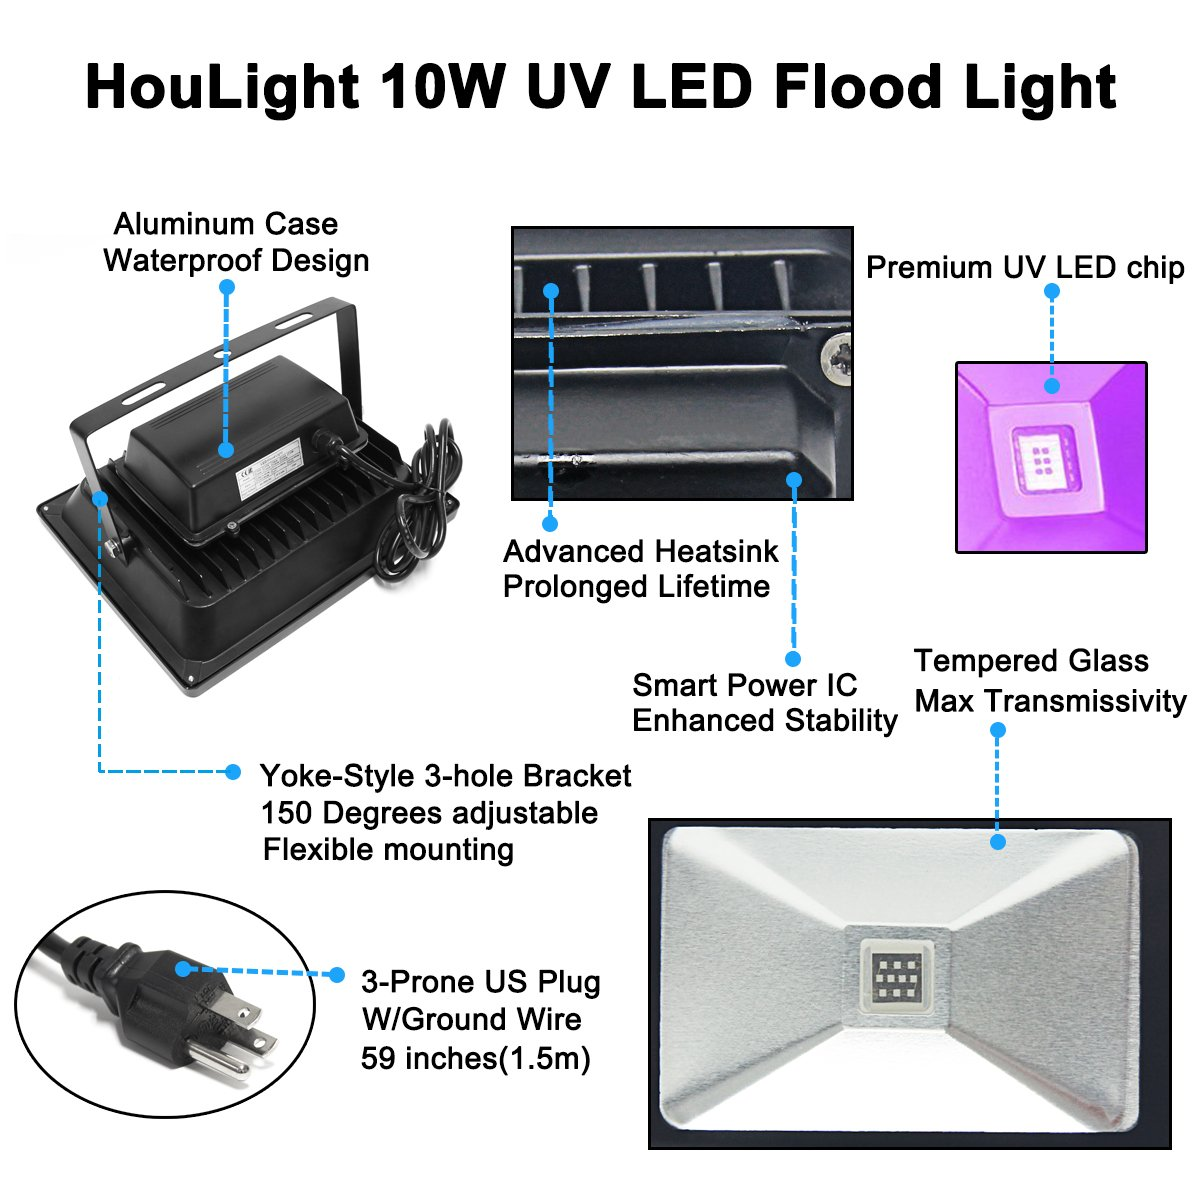 Signstek 50w Uv Led Black Light Ultraviolet Flood Ip65 Wiring Lampu Tl Waterproof For Party Supplies Neon Glow In The Dark Fishing Aquarium